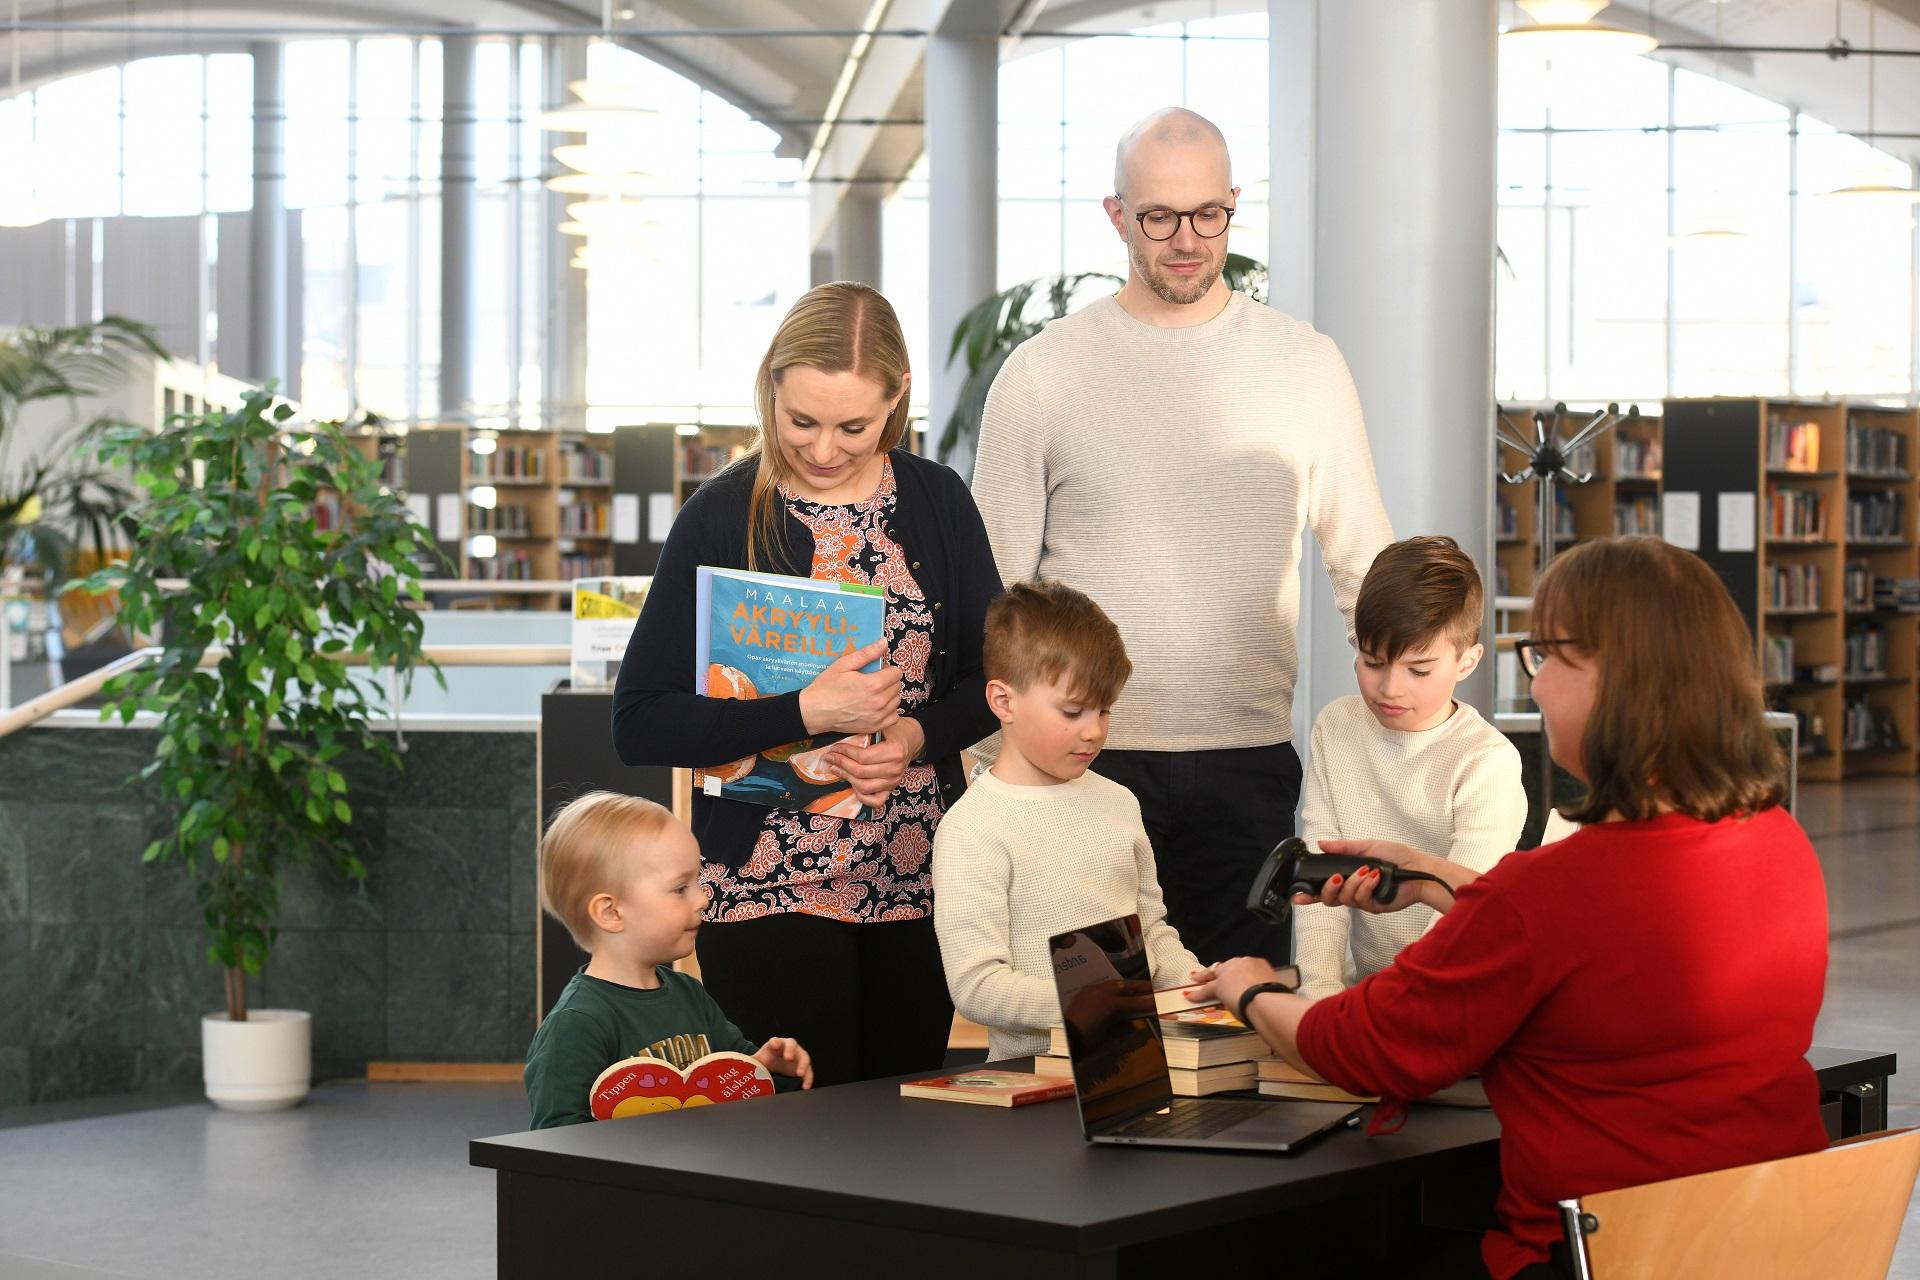 Kaksi aikuista ja kolme lasta lainaamassa kirjoja kirjastossa. Kirjastovirkailija istuu tiskin takana ja lainaa kirjat.